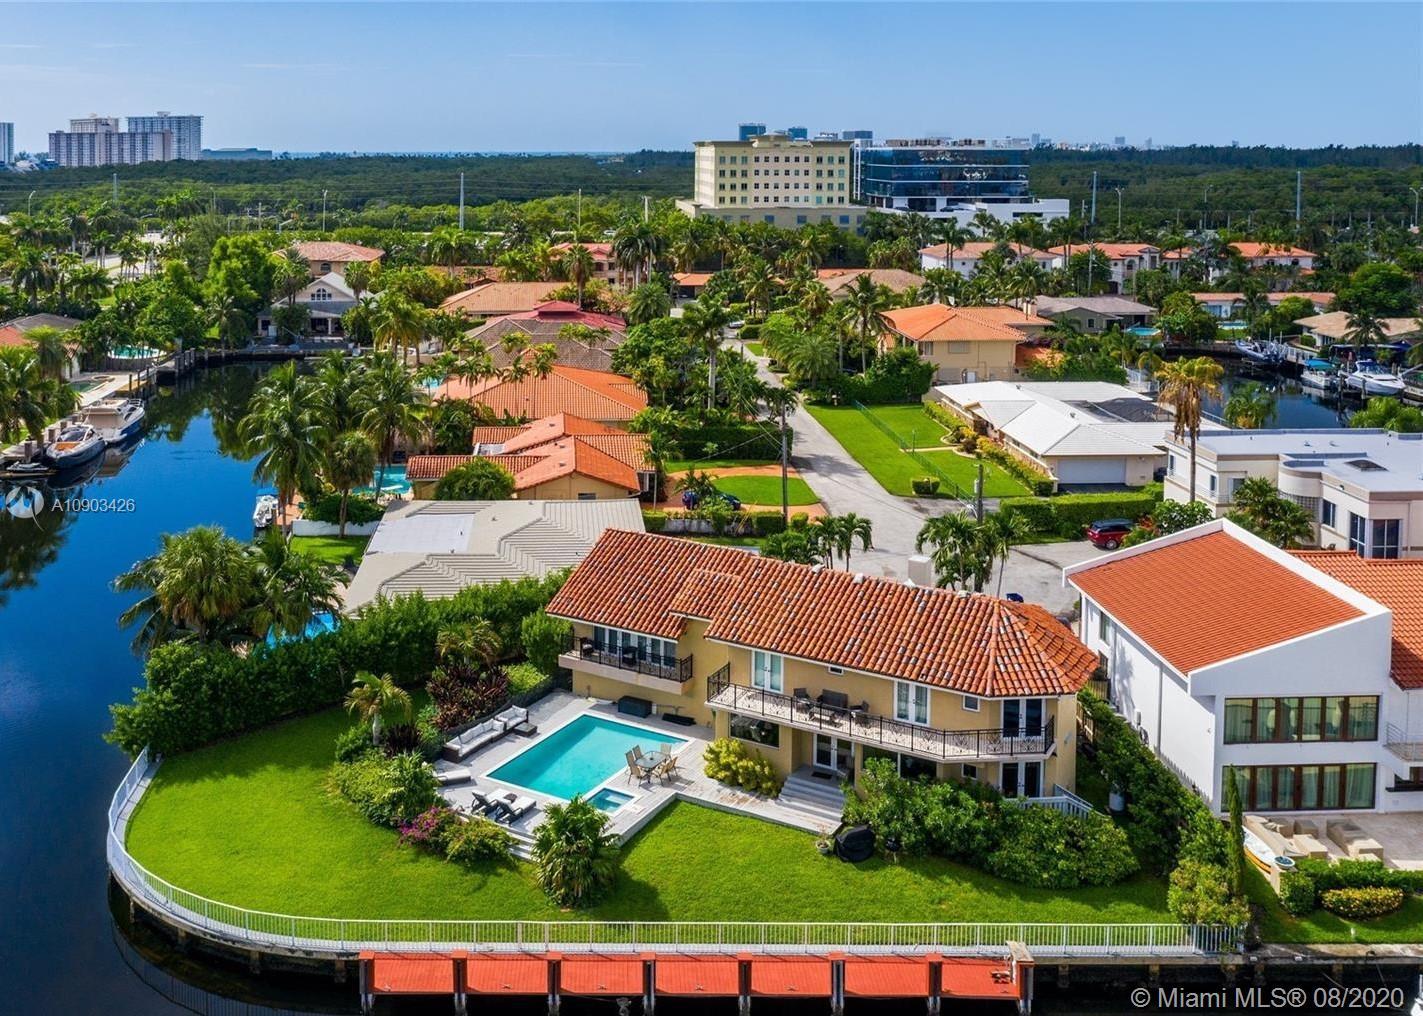 North Miami Beach - 16461 NE 34th Ave, North Miami Beach, FL 33160